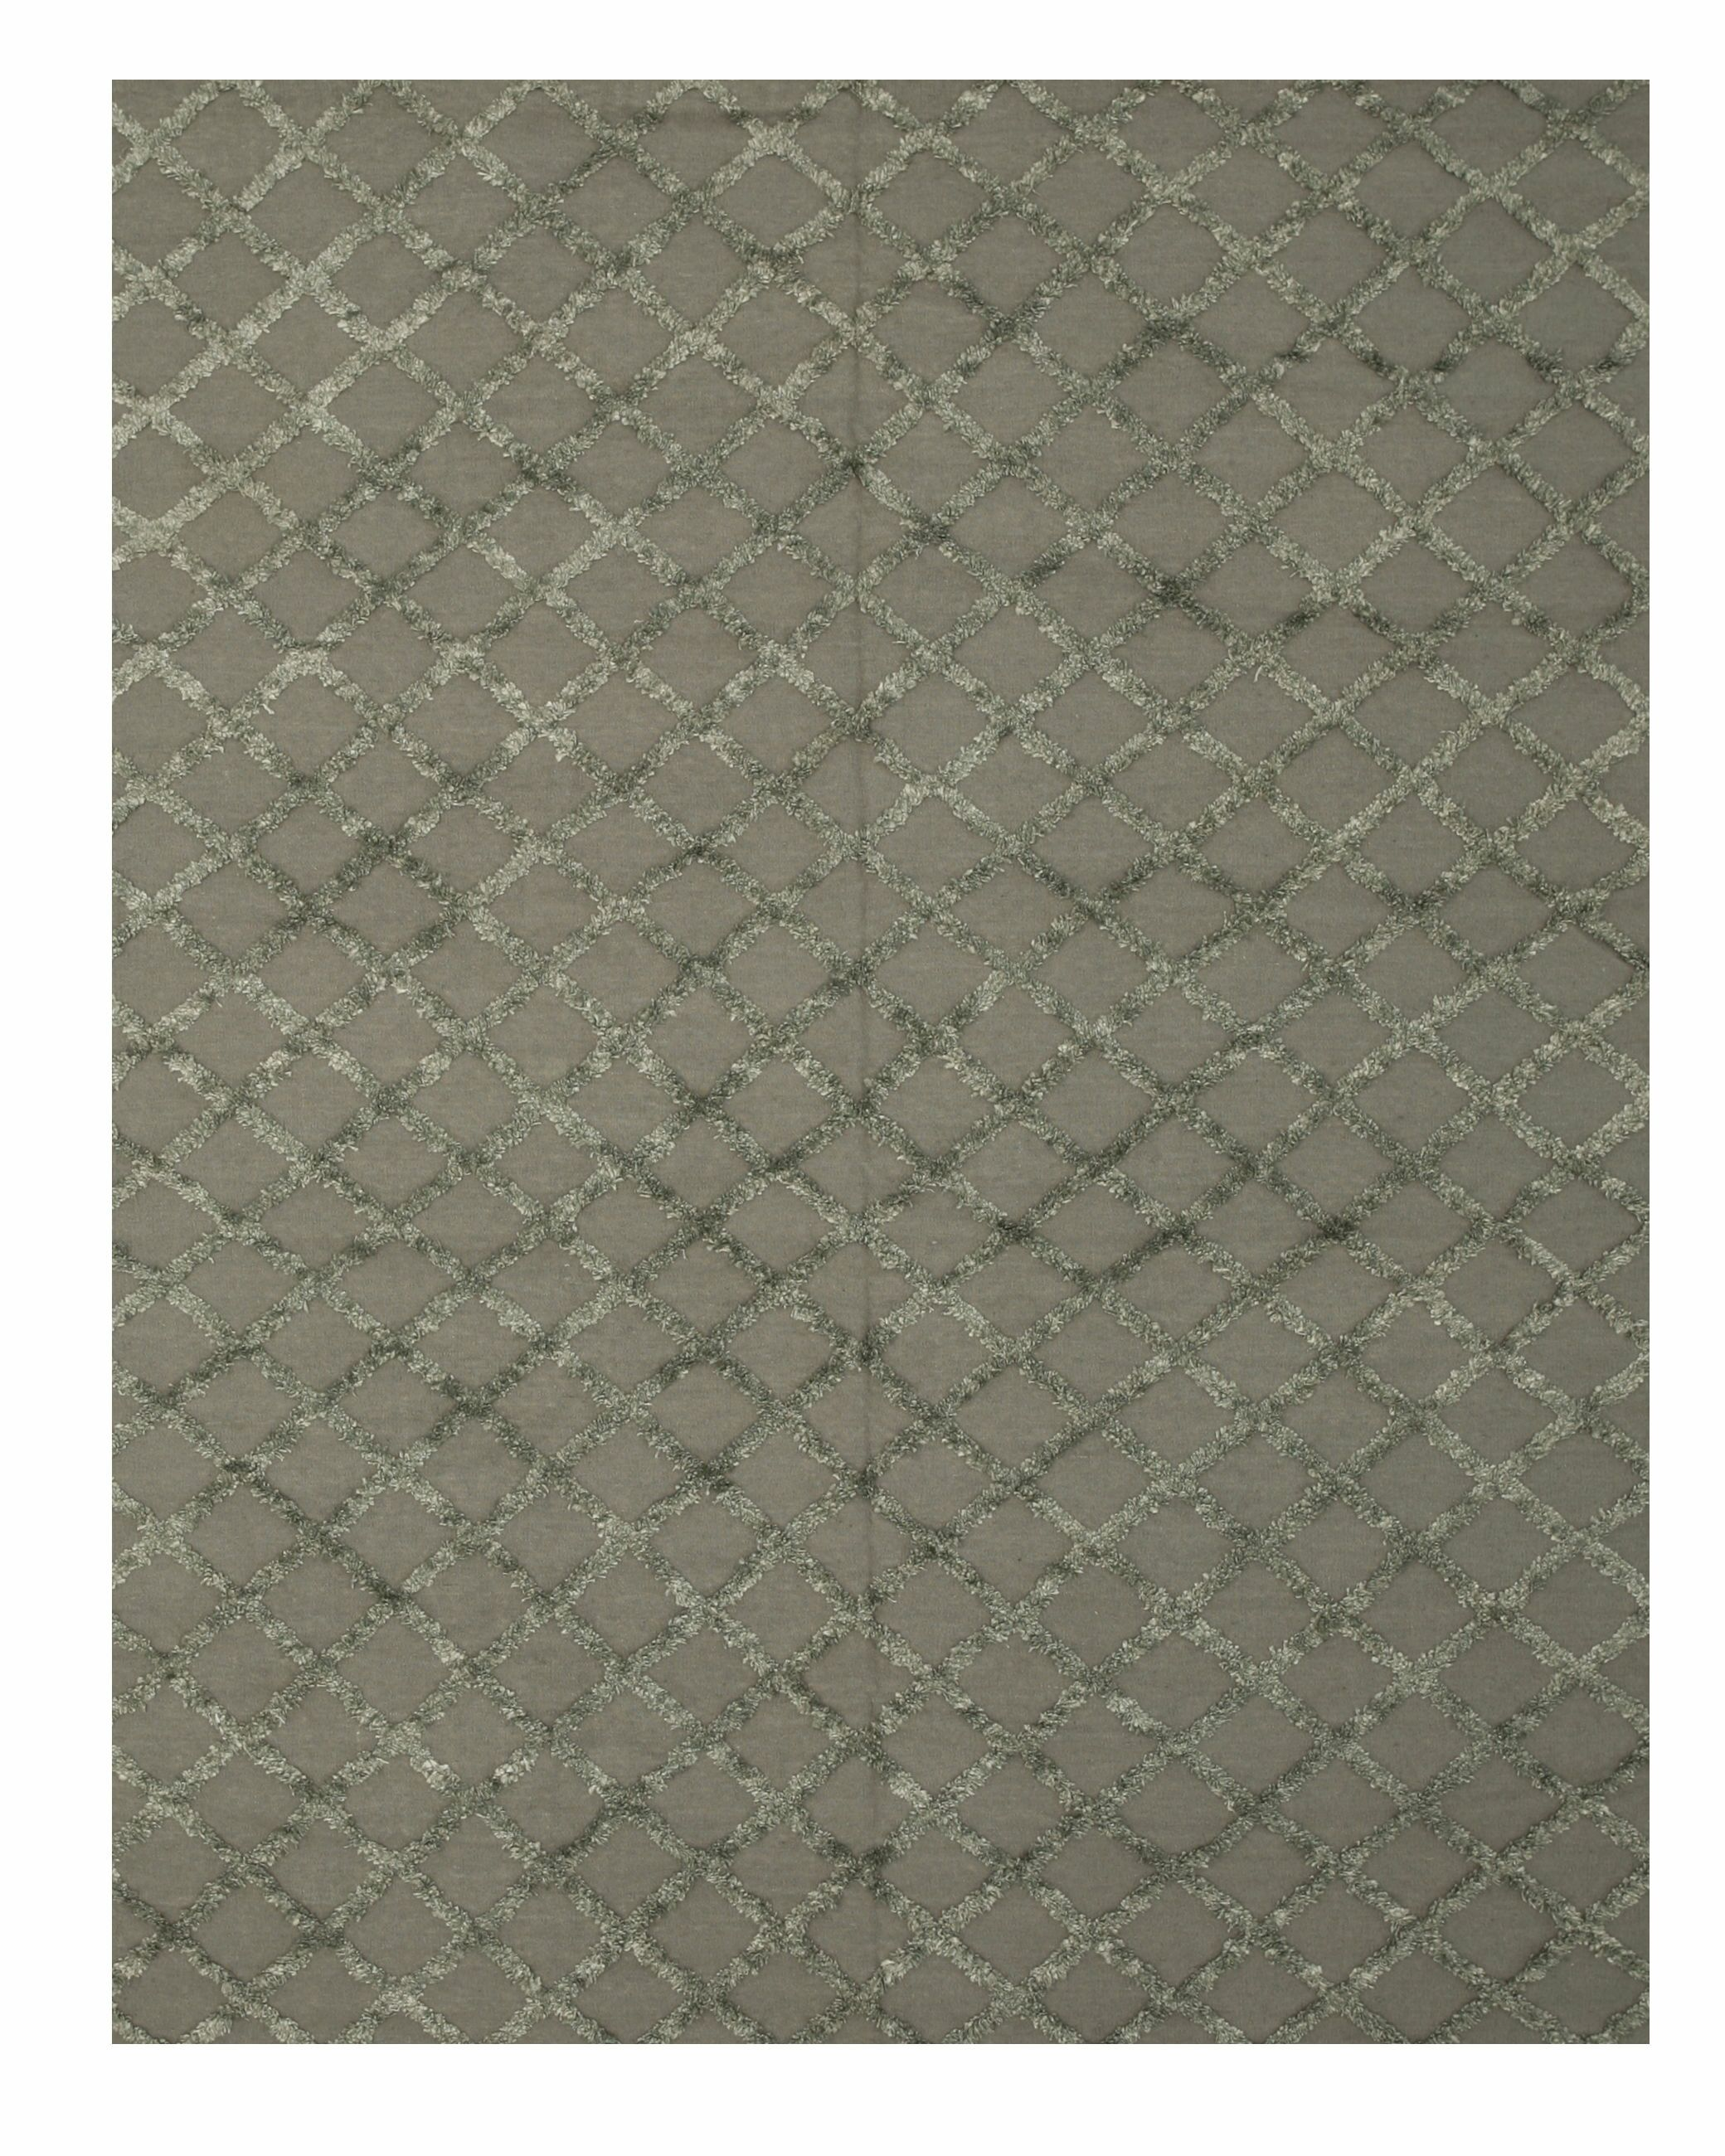 Marakesh Hand-Woven Charcoal Area Rug Rug Size: 10' x 14'